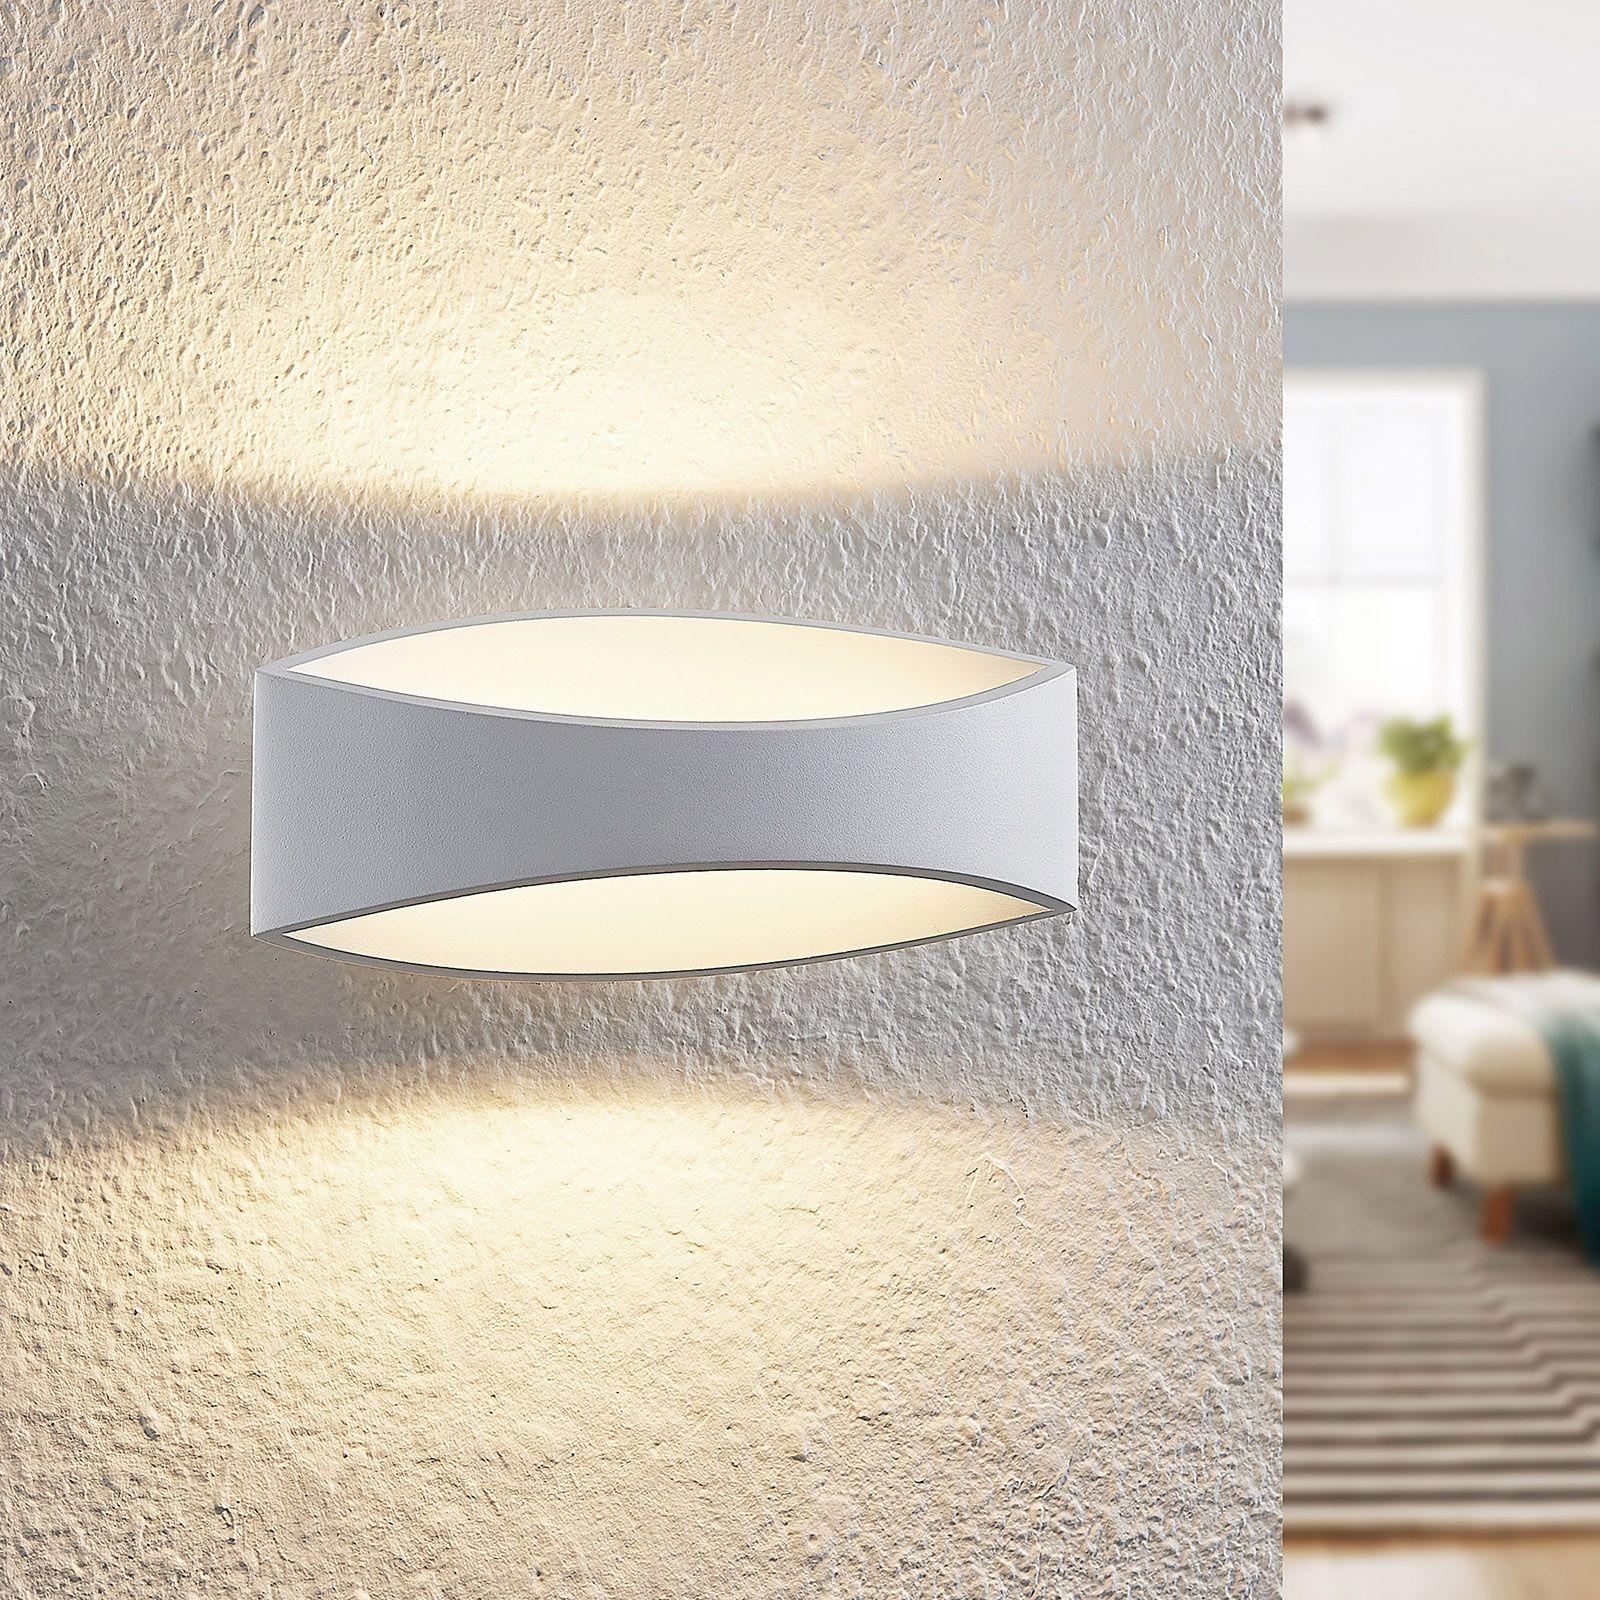 Arcchio Jelle applique LED, 25 cm, bianco